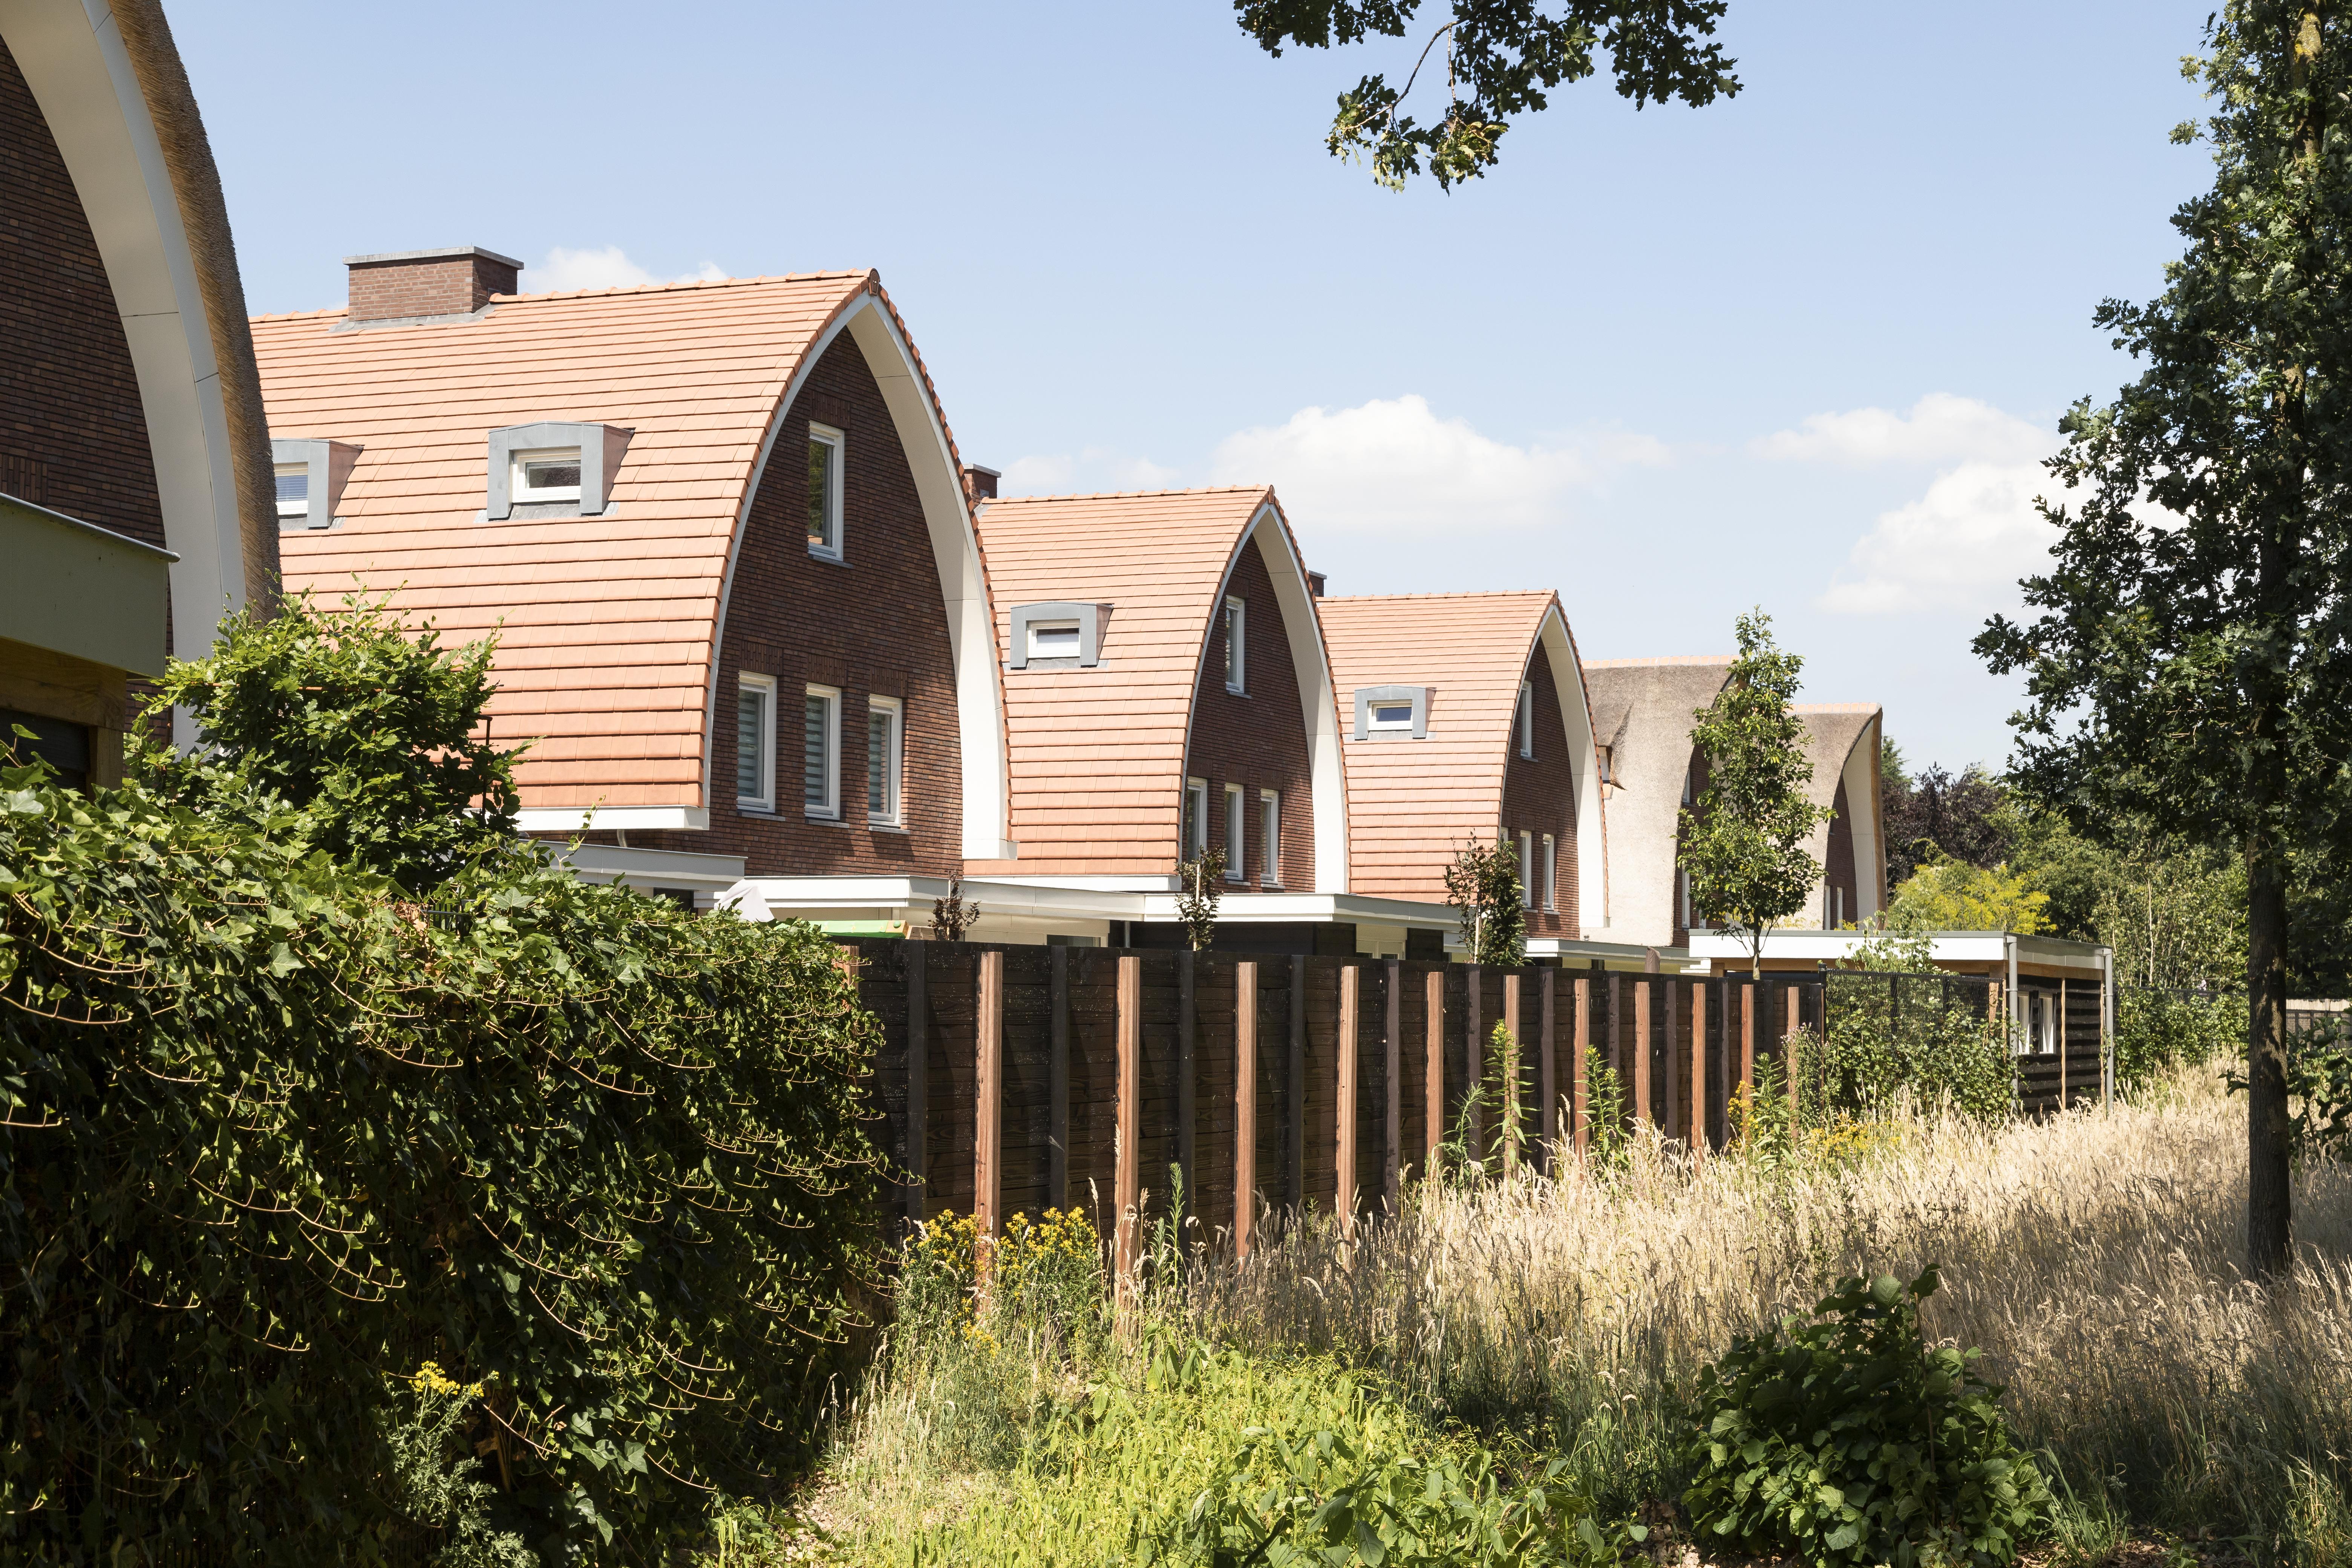 Villapark Lavendel in Vlijmen 49